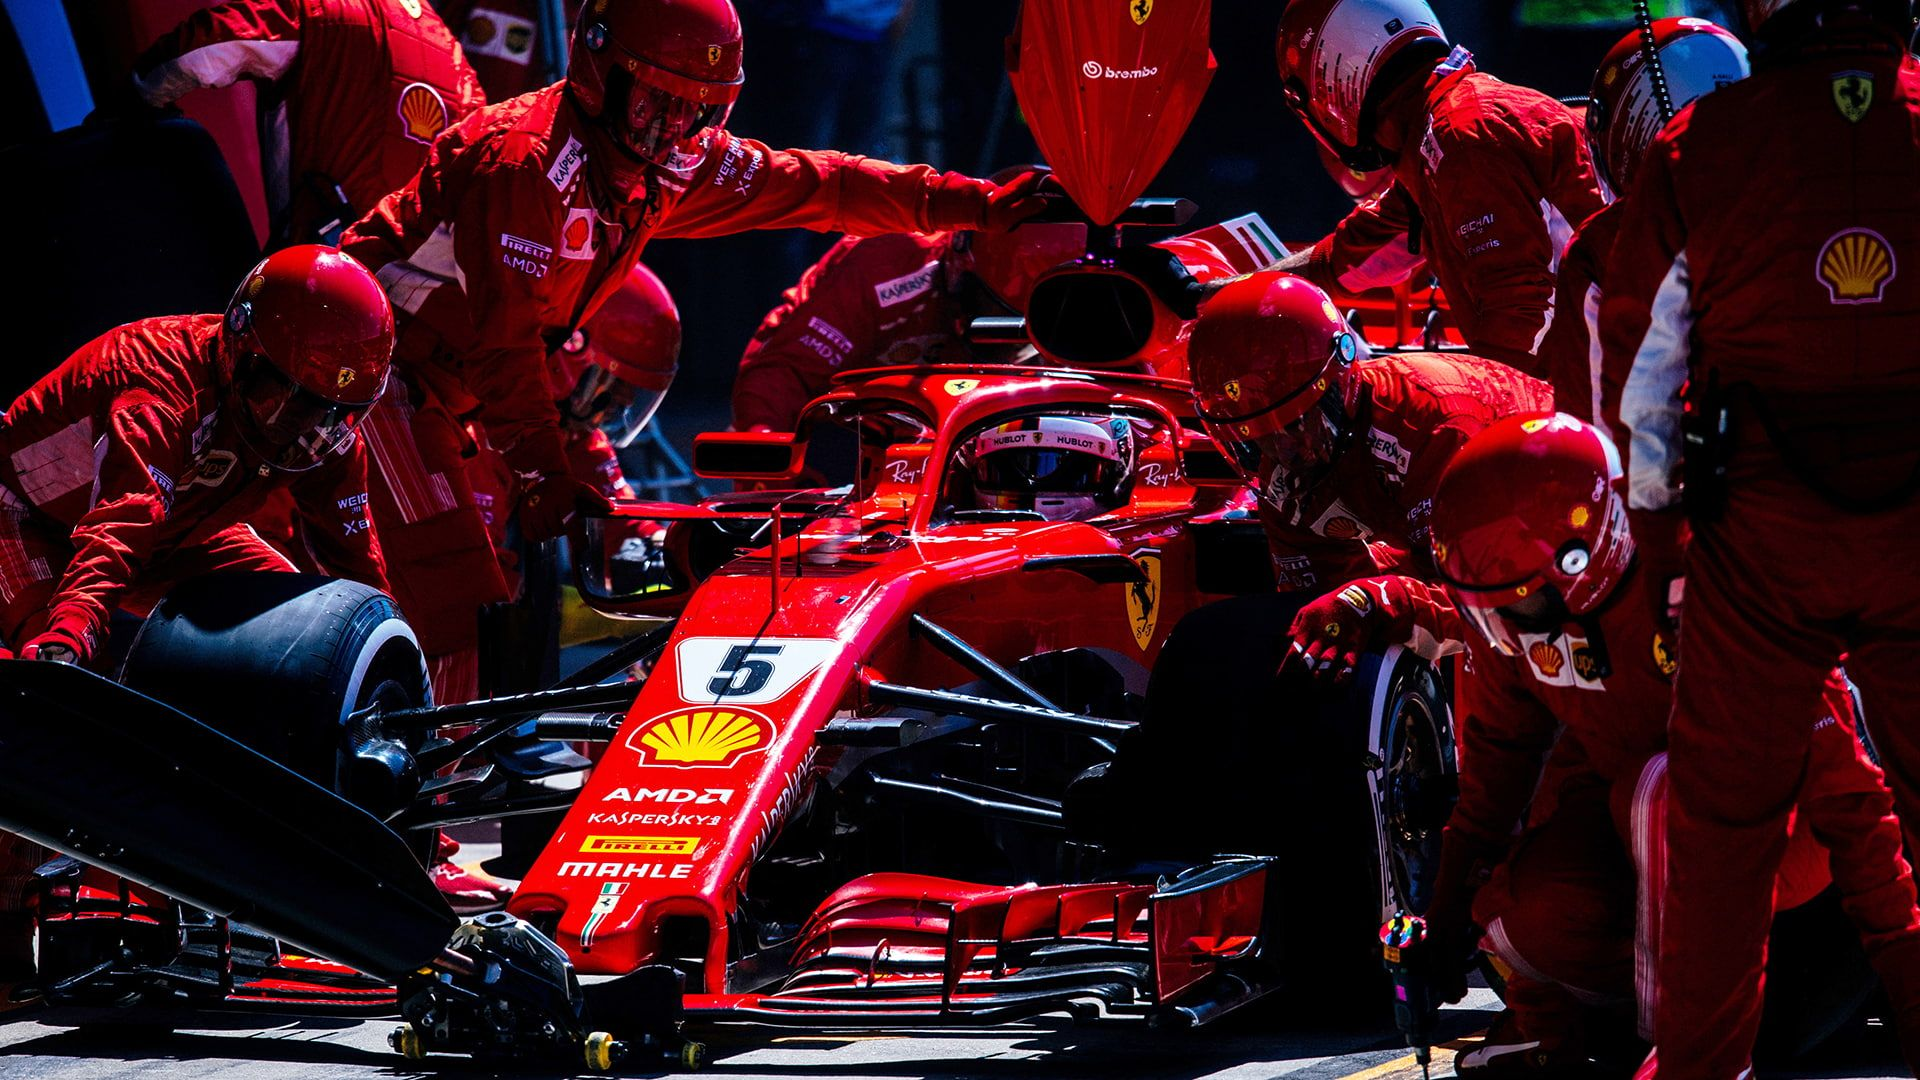 Ferrari F1 Formula 1 Pit Stop 1080p Wallpaper Hdwallpaper Desktop In 2020 Ferrari F1 Ferrari Formula 1